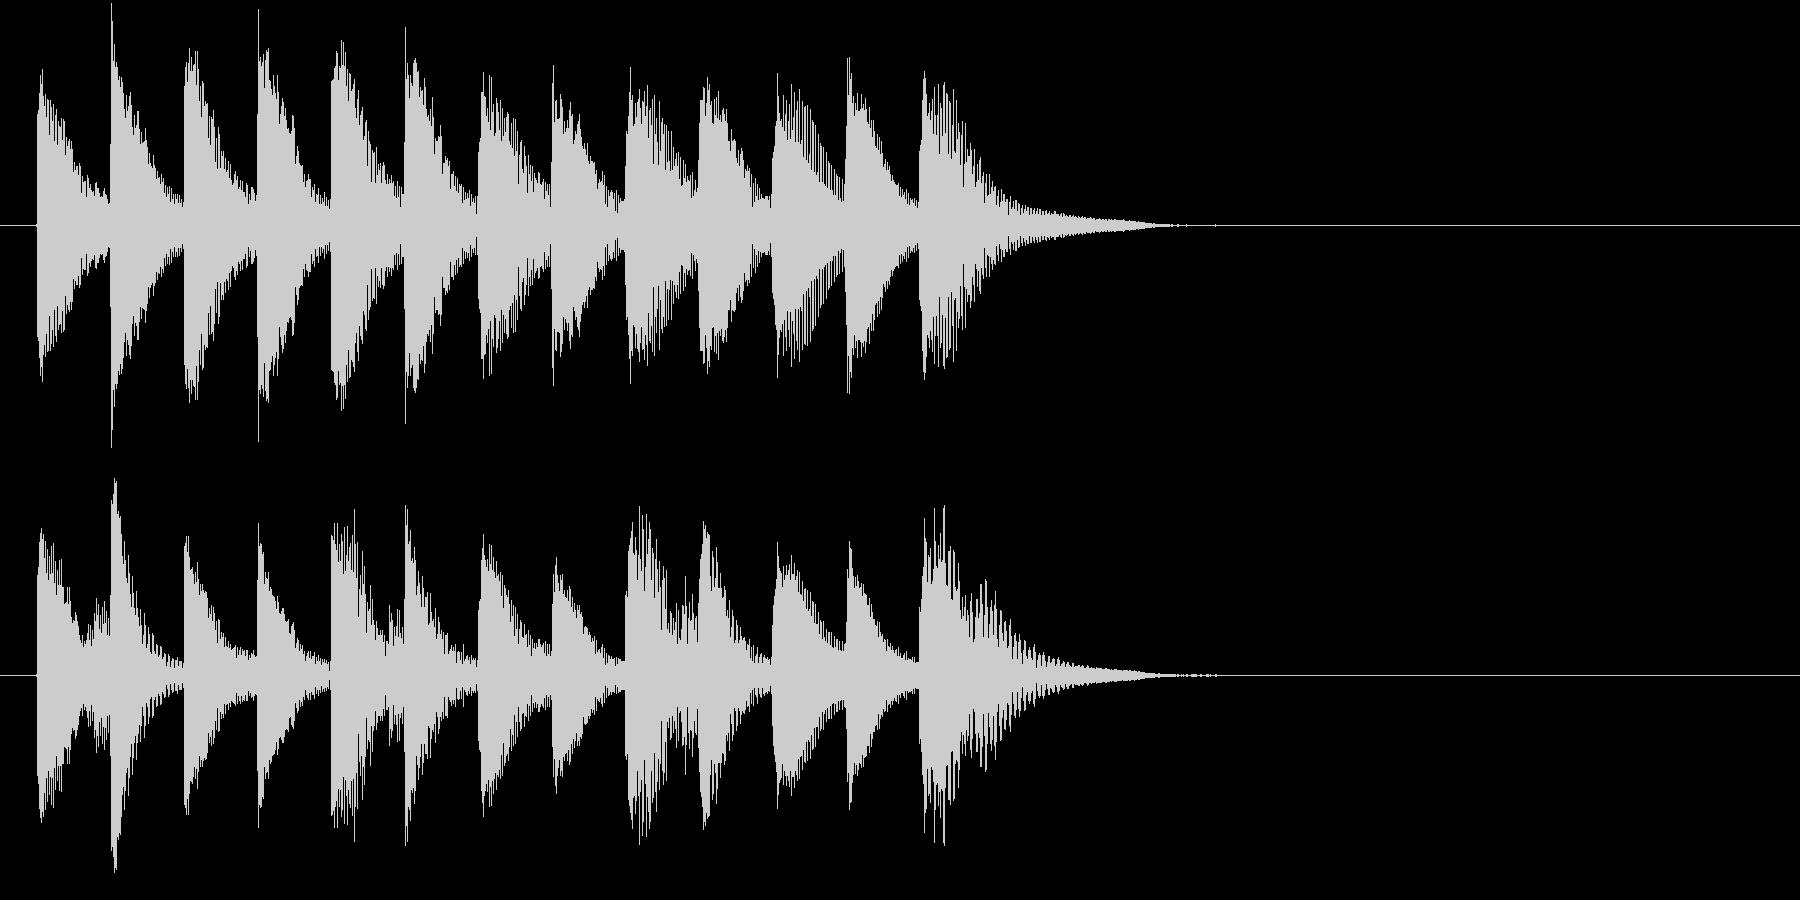 失敗したときに流れてきそうなジングルの未再生の波形